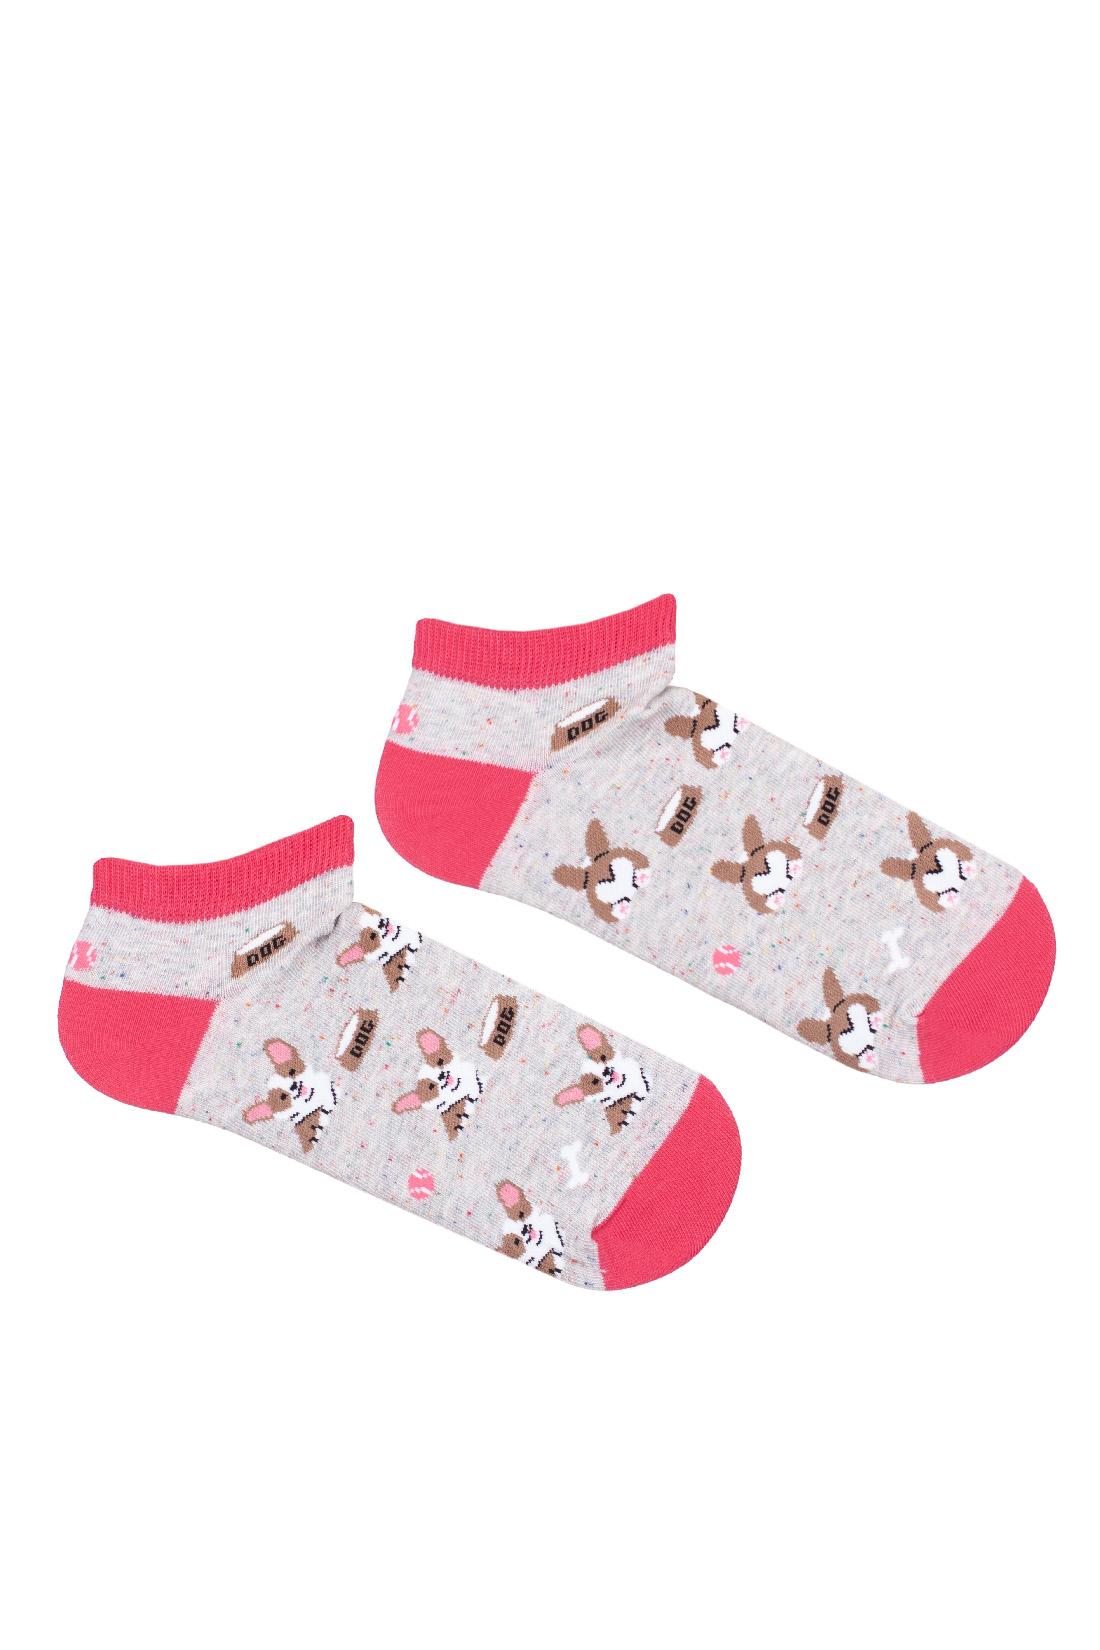 Kolorowe stopki damskie piesek corgi,dwie różne na szarym tle z różowym wykończeniem